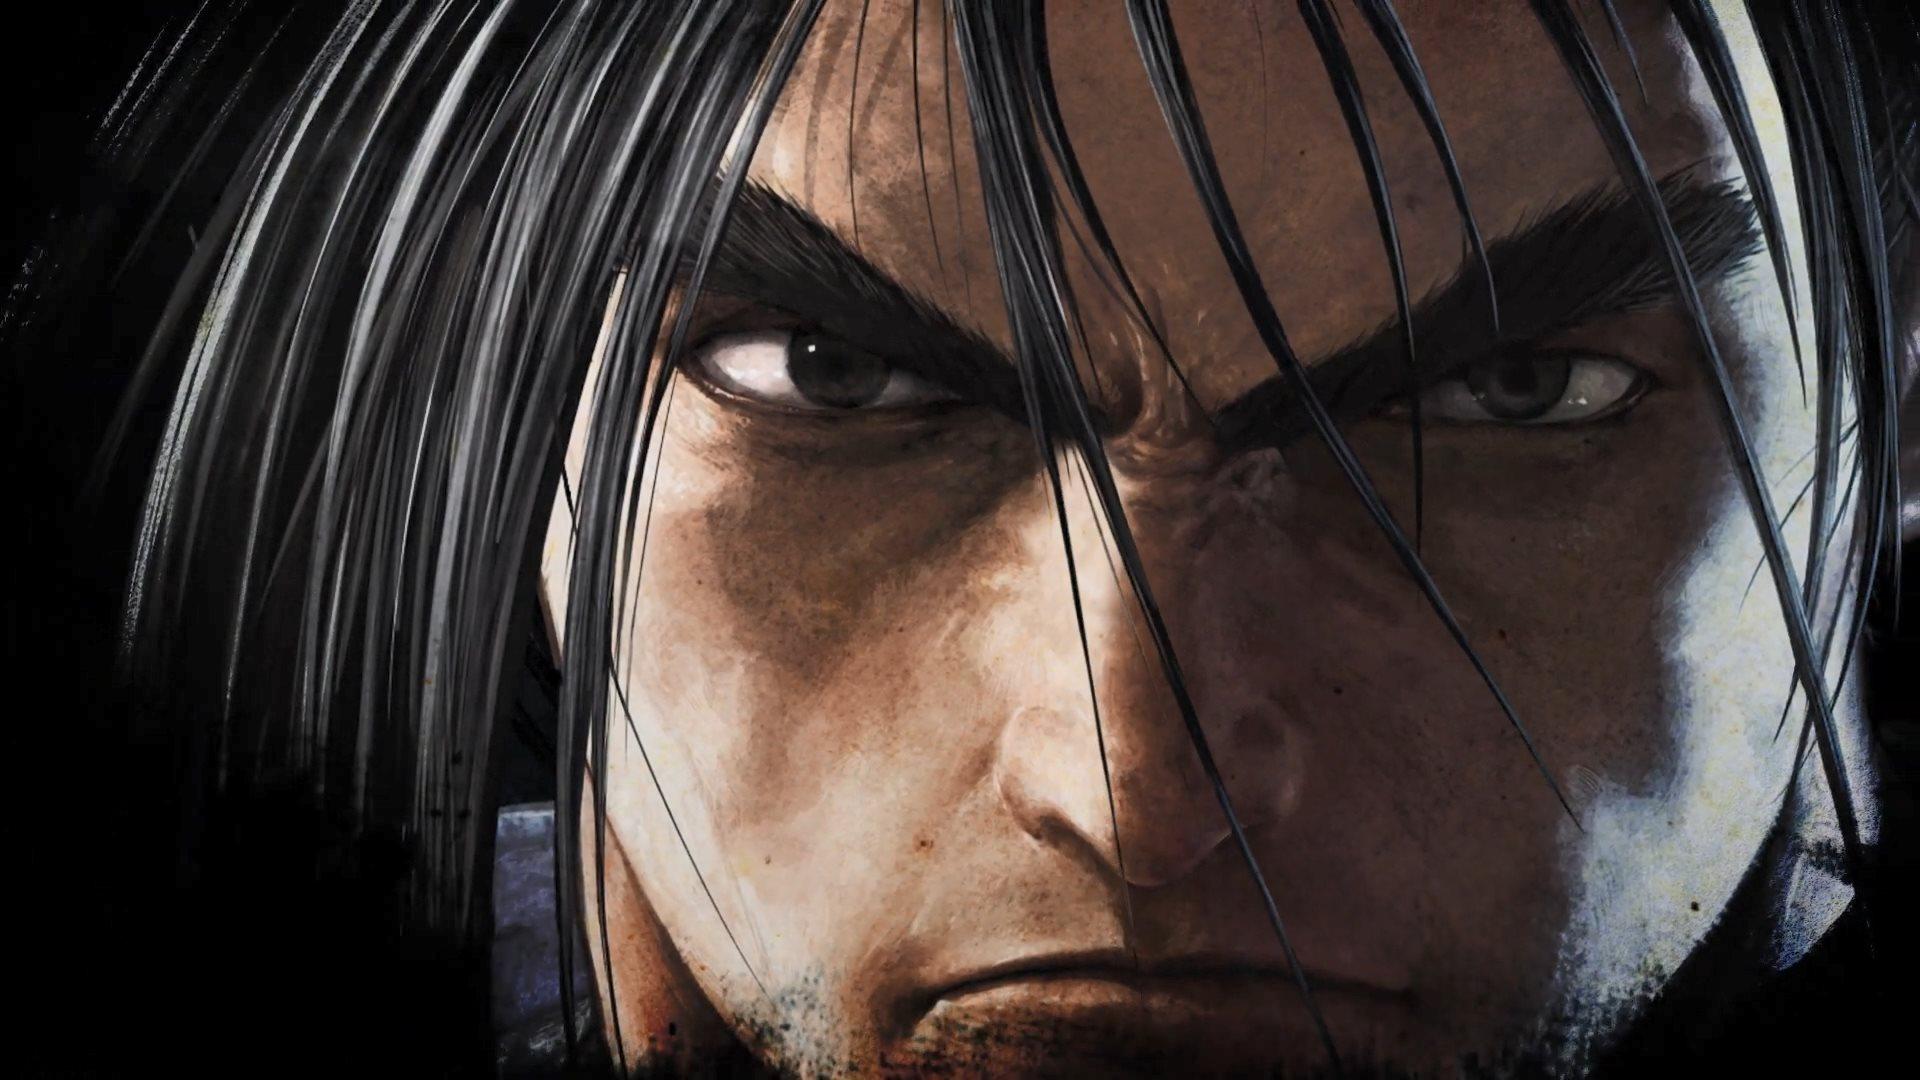 《侍魂 晓》Switch版预告片公开 游戏画面将保持60帧